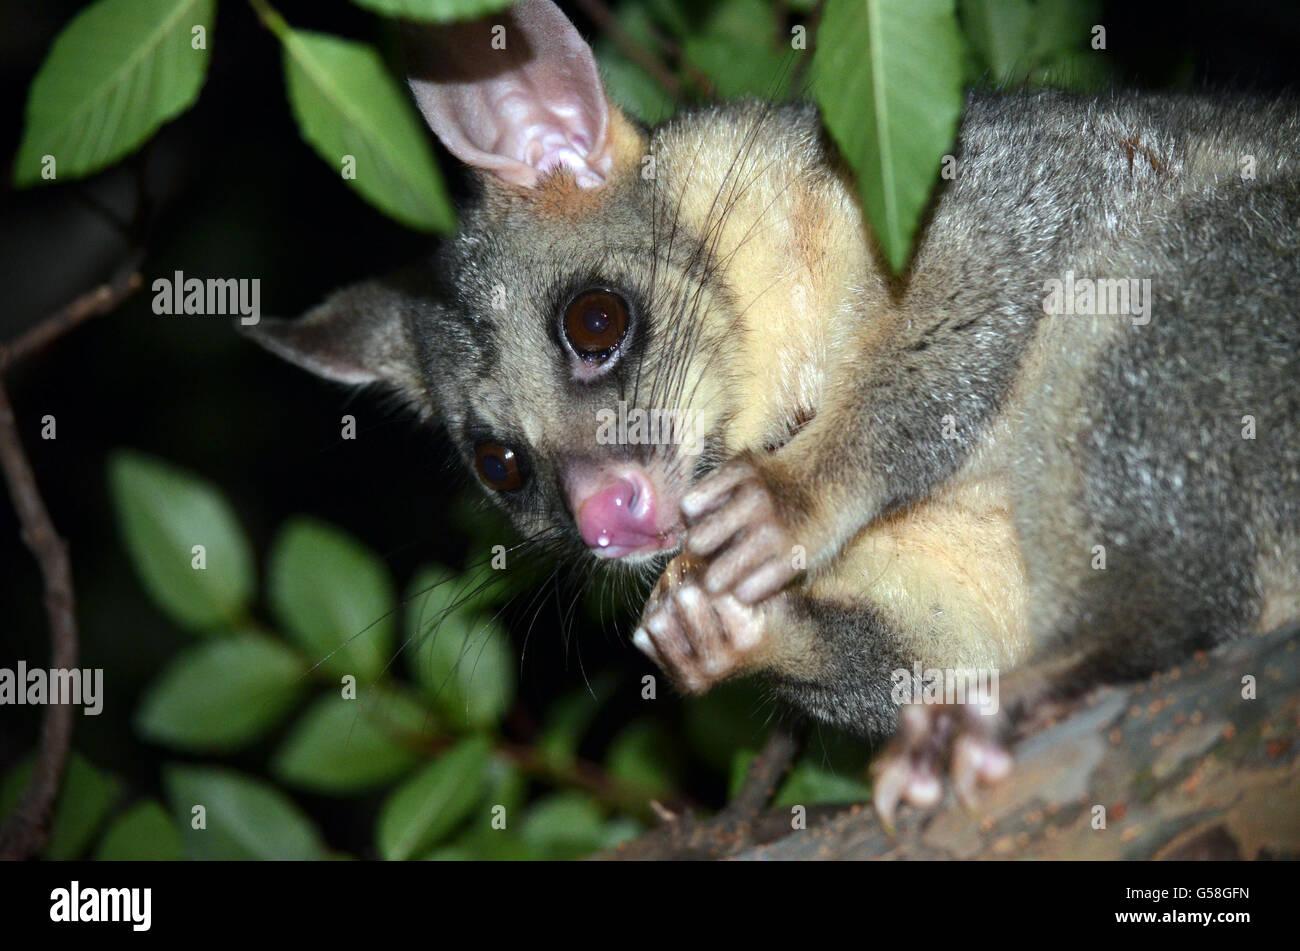 Australian Brushtail Possum Eating Fruit In A Sydney Backyard